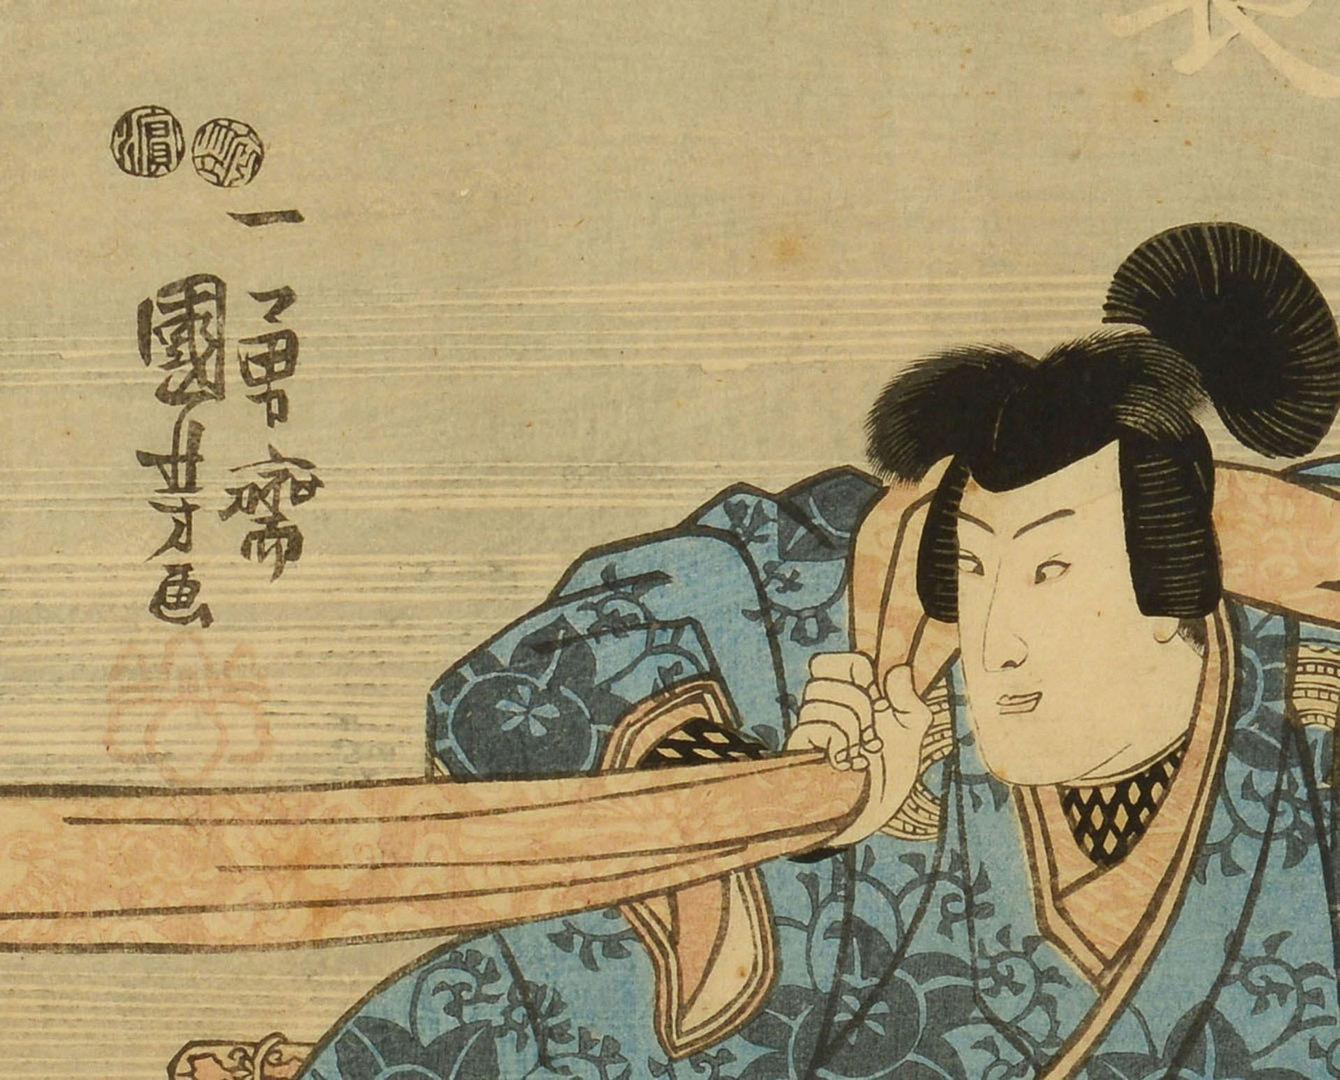 Lot 209: 4 Japanese Woodblocks, Kuniyoshi and Kunisada